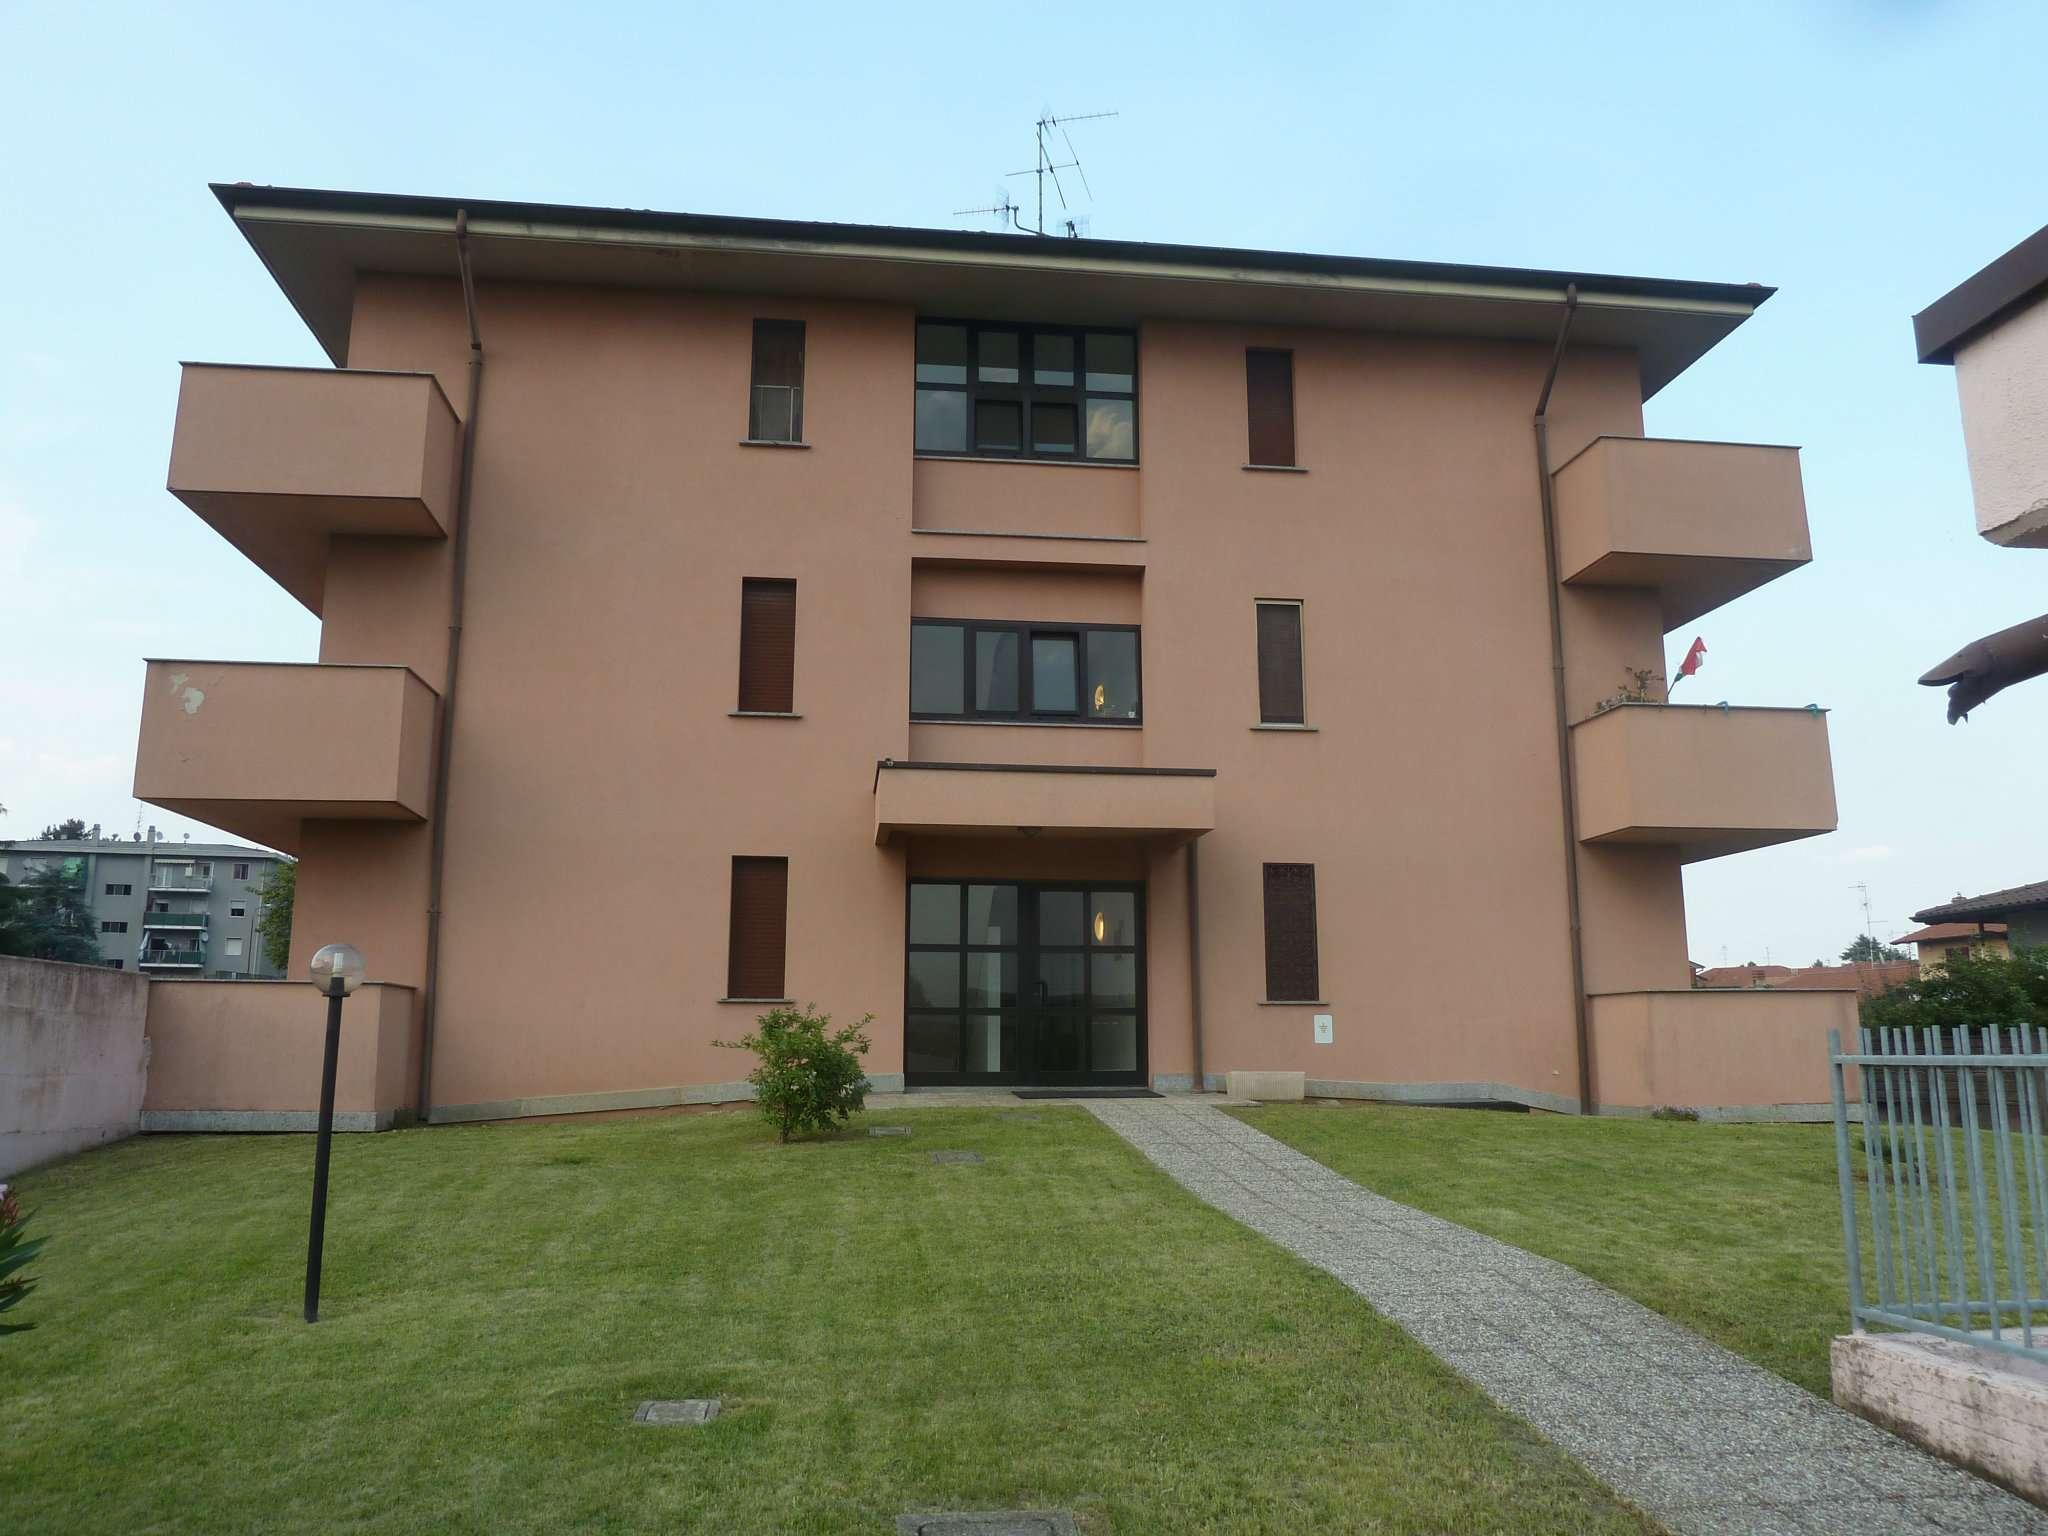 Appartamento in vendita a Turate, 2 locali, prezzo € 85.000 | PortaleAgenzieImmobiliari.it